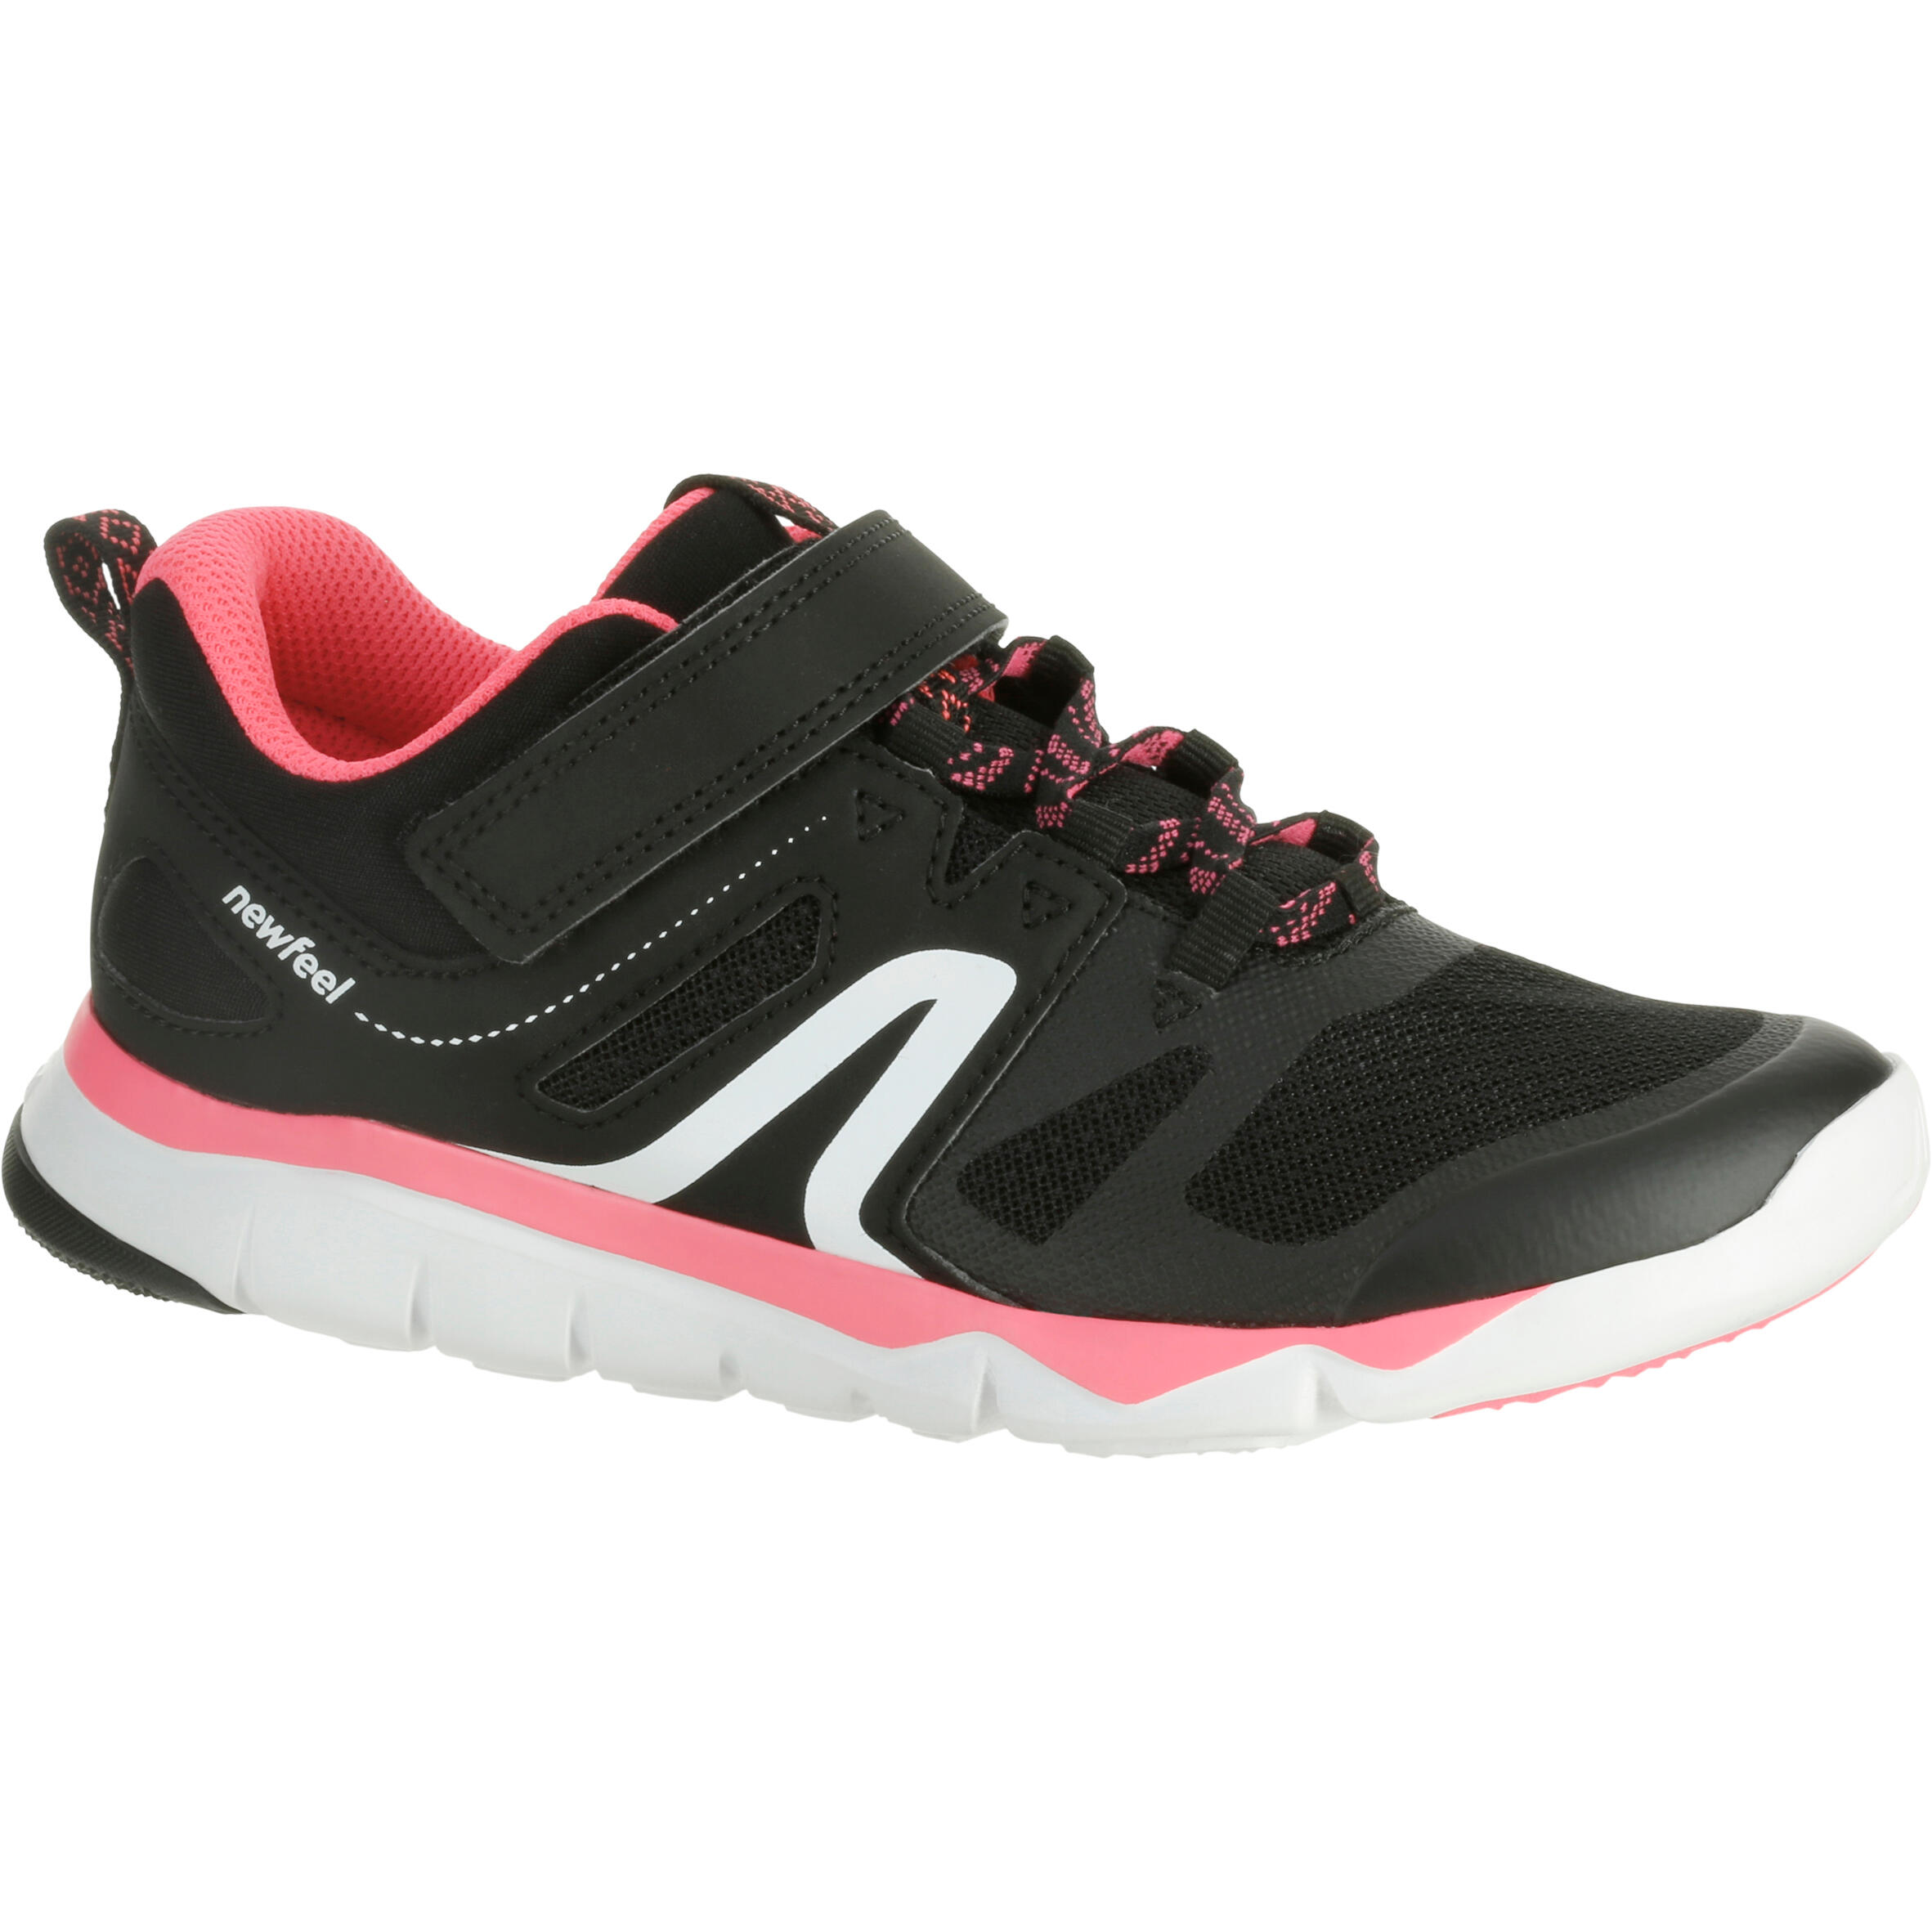 Chaussures marche enfant pw 540 noir rose newfeel